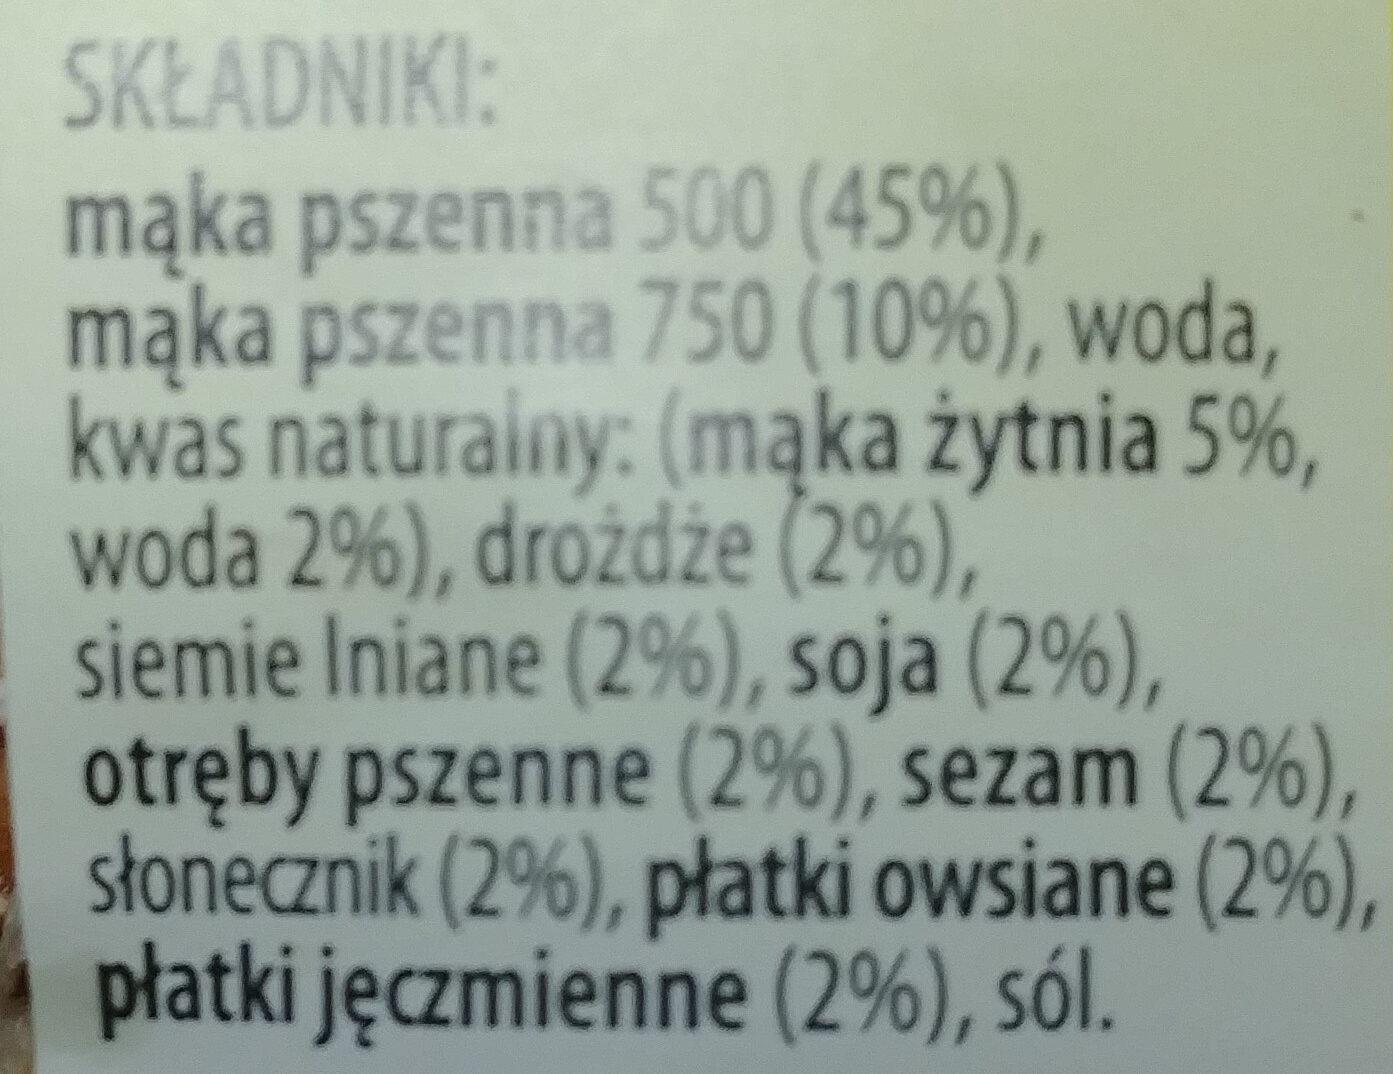 Chleb wieloziarnisty - Ingredients - pl